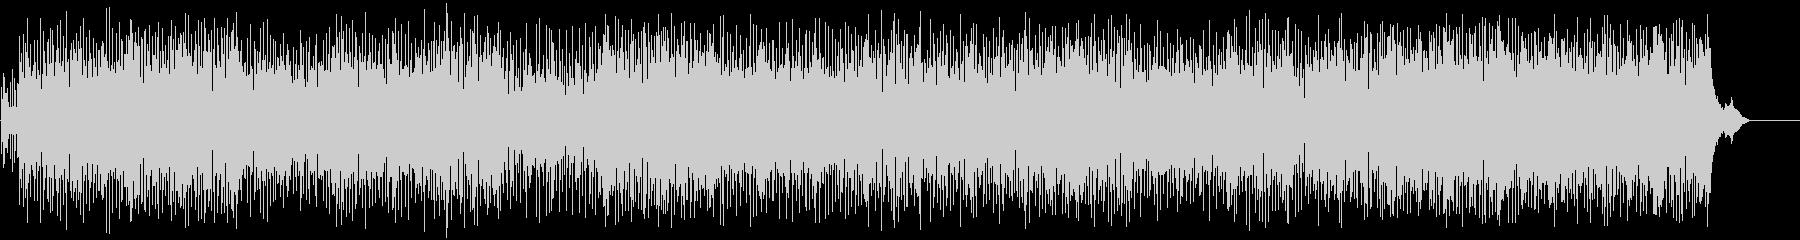 生き生きとしたポップ/フュージョン/BGの未再生の波形